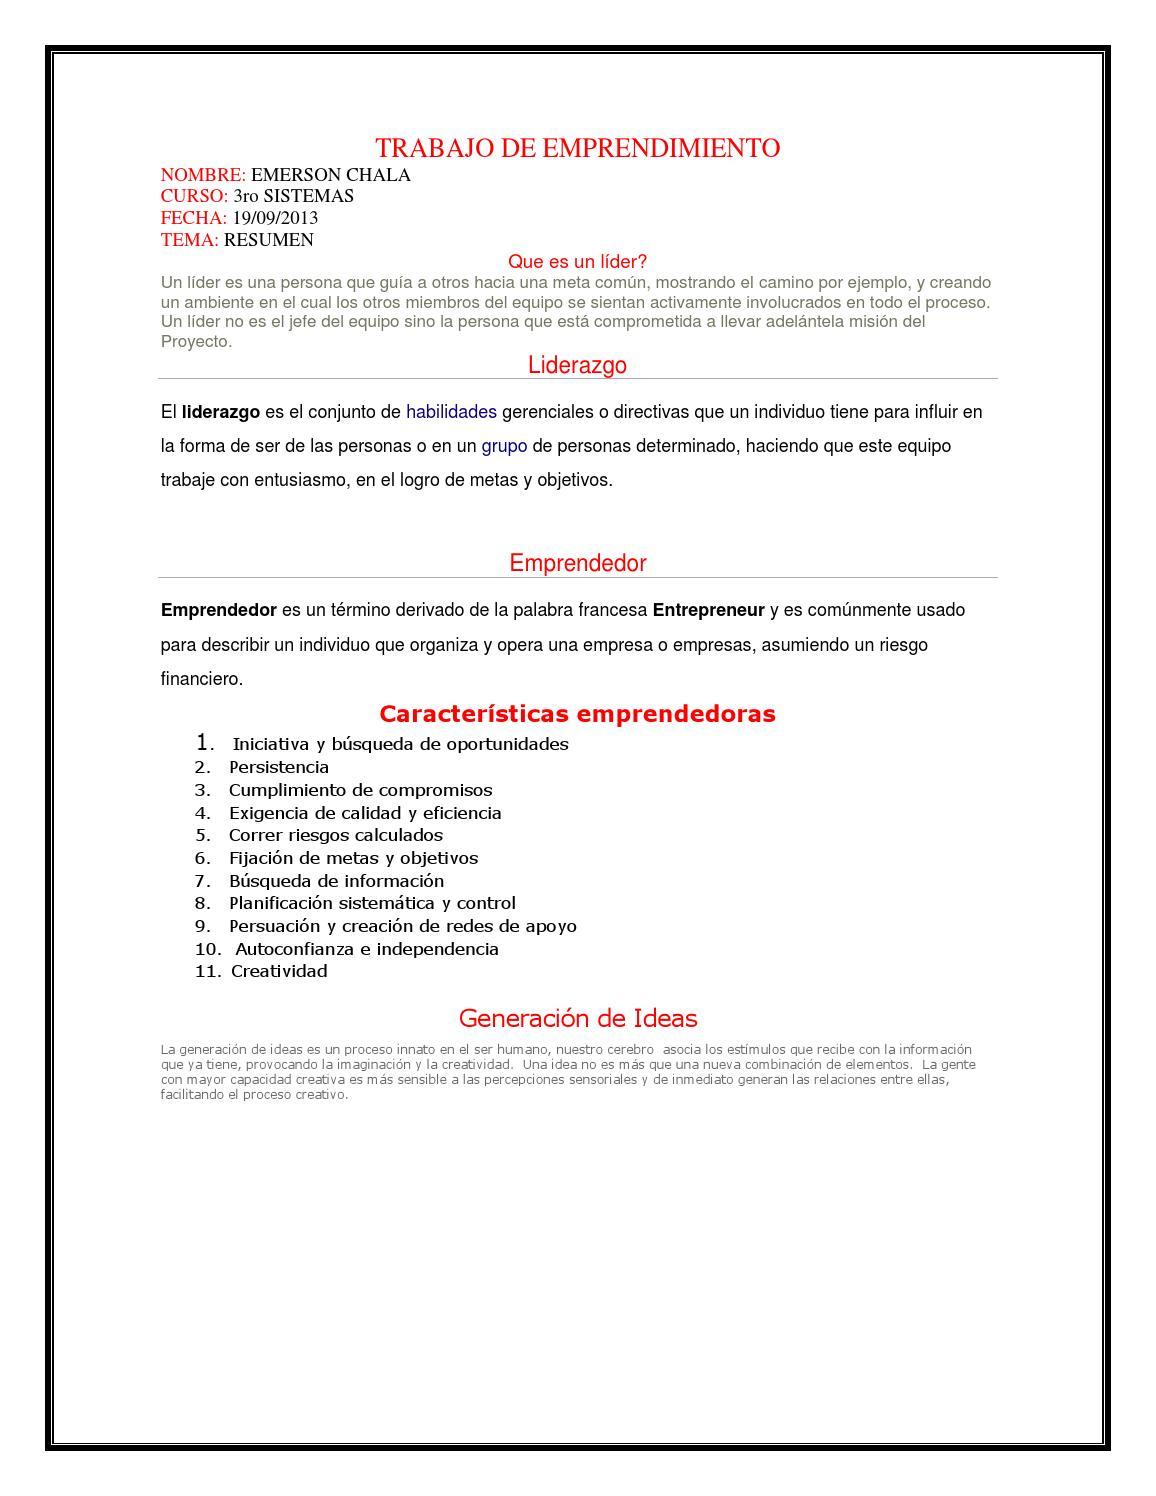 Trabajo de emprendimiento by Emerson Chala - issuu